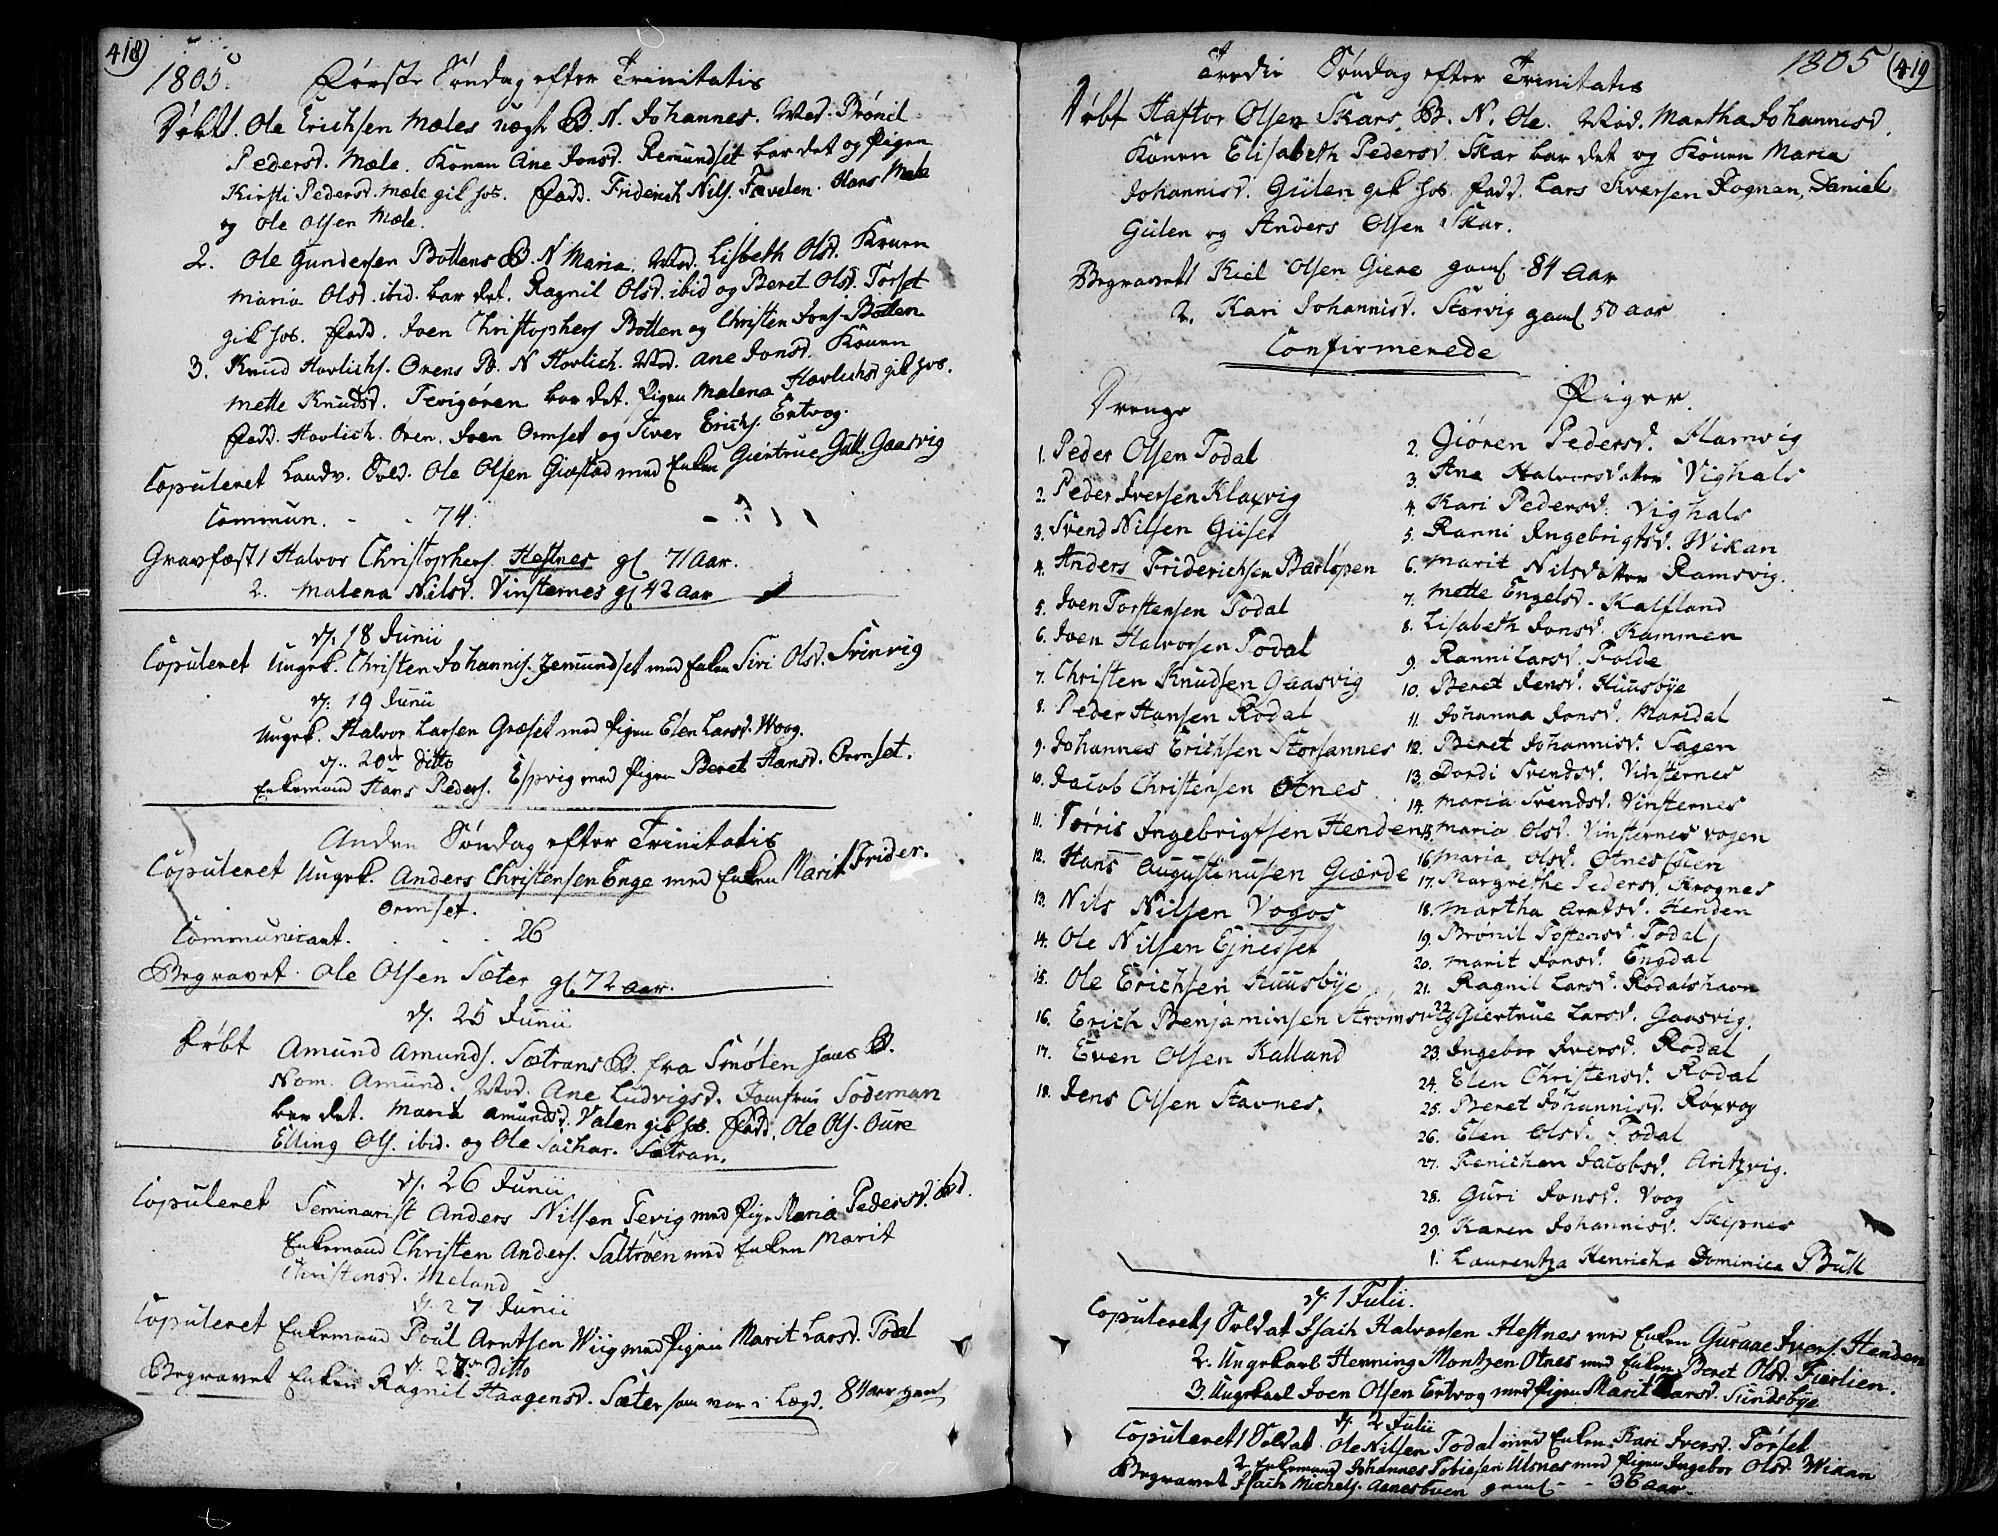 SAT, Ministerialprotokoller, klokkerbøker og fødselsregistre - Møre og Romsdal, 578/L0902: Ministerialbok nr. 578A01, 1772-1819, s. 418-419